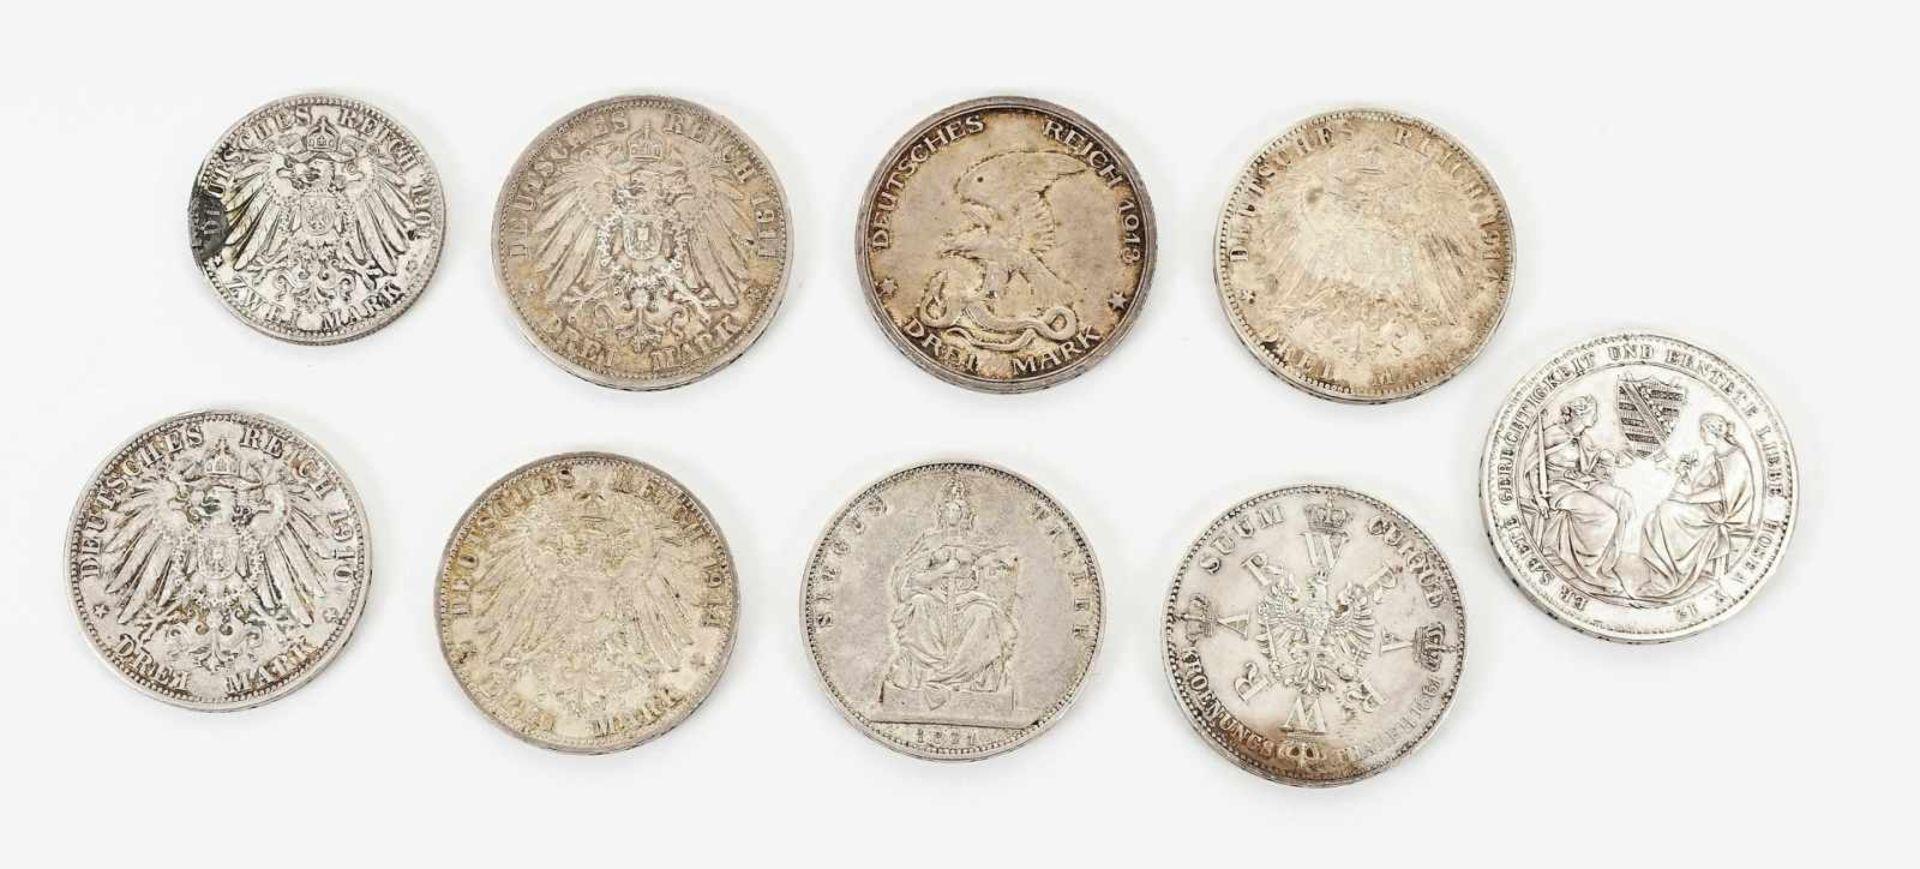 22 Münzen 1854-1936, davon 19 Silbermünzen - Bild 4 aus 7